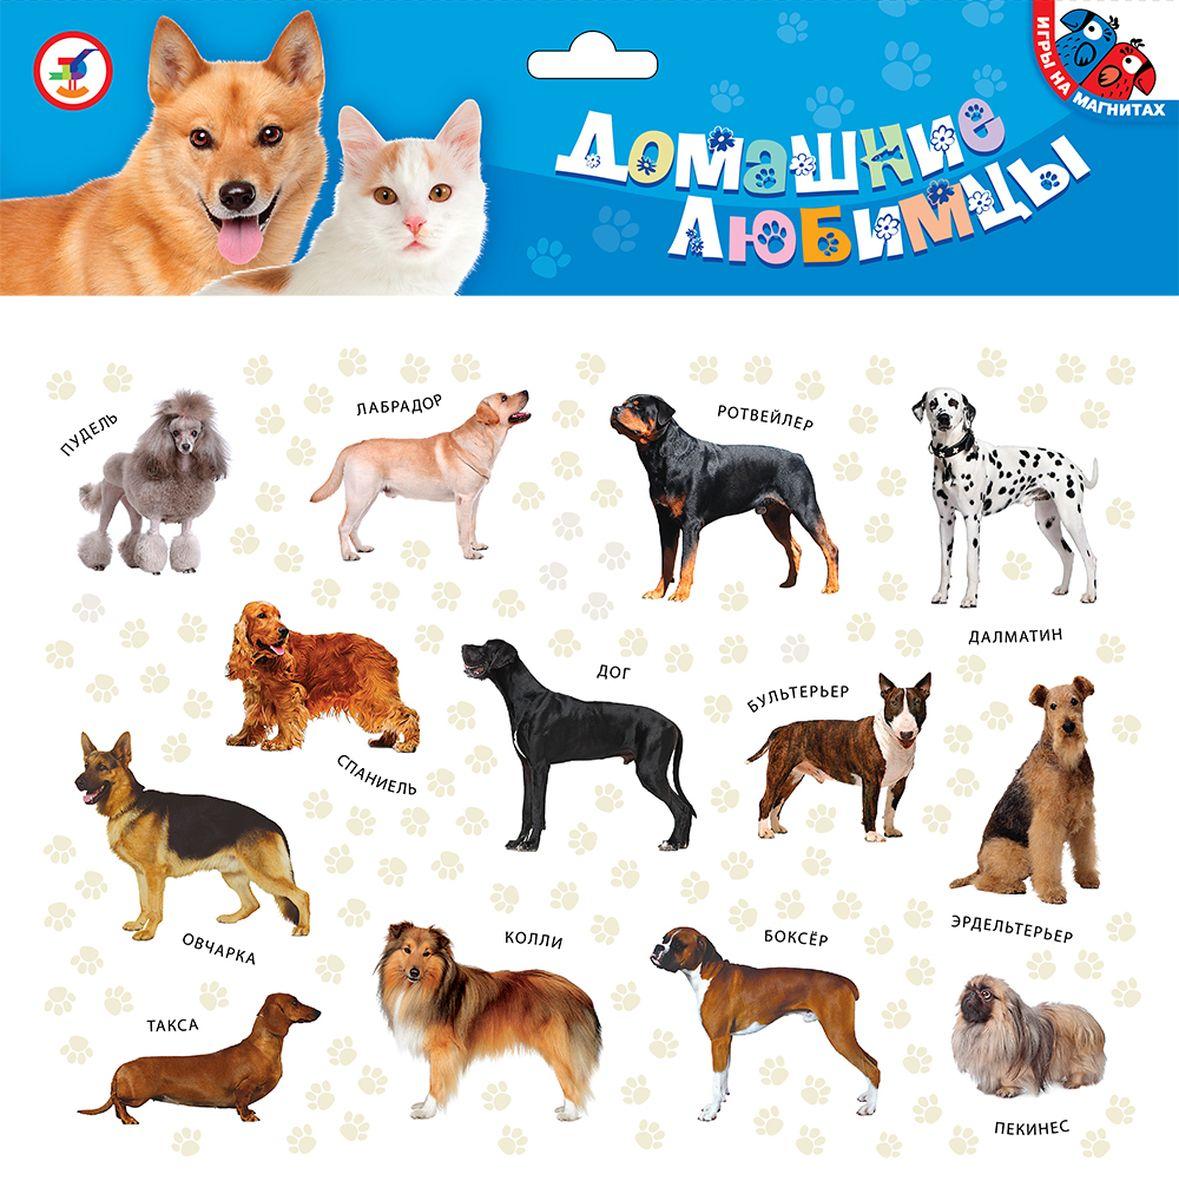 Дрофа-Медиа Игра на магнитах Домашние любимцы2С помощью магнитной игры Домашние любимцы, ребенок познакомится с 13 наиболее популярными породами кошек и 13 породами собак. Ребенок может взять фигурку понравившегося животного и прикрепить к металлической поверхности (дверце холодильника или магнитной доске). Все породы подписаны. Карточки на магнитах прекрасно подходят для обучения и развития детей, как дома, так и в детском саду или школе. Простые игровые элементы дают возможность ребенку самостоятельно придумывать варианты игры. В комплекте 26 карточек.